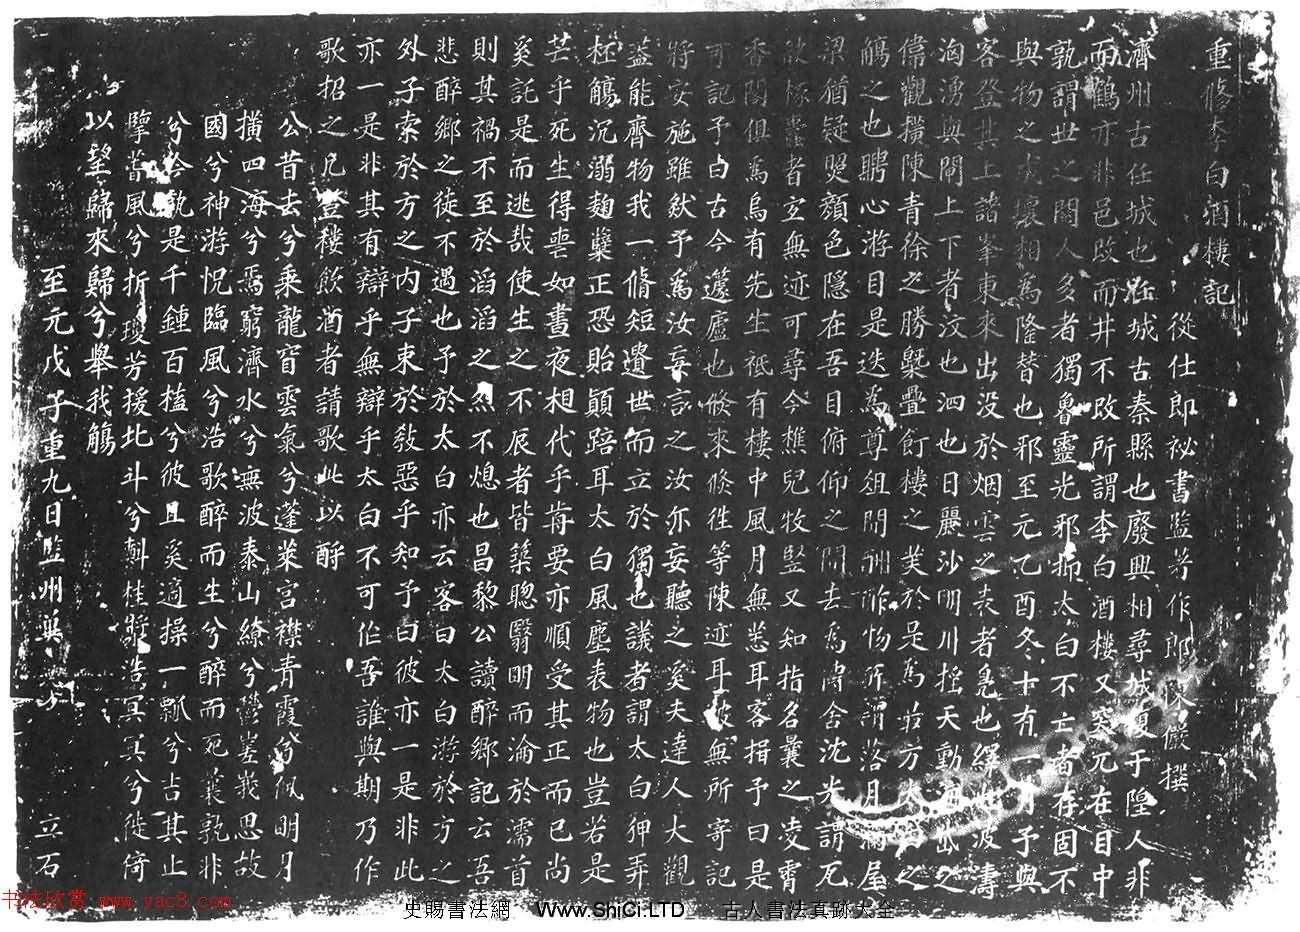 元翰林學士陳儼撰文《重修李白酒樓記》(共4張圖片)